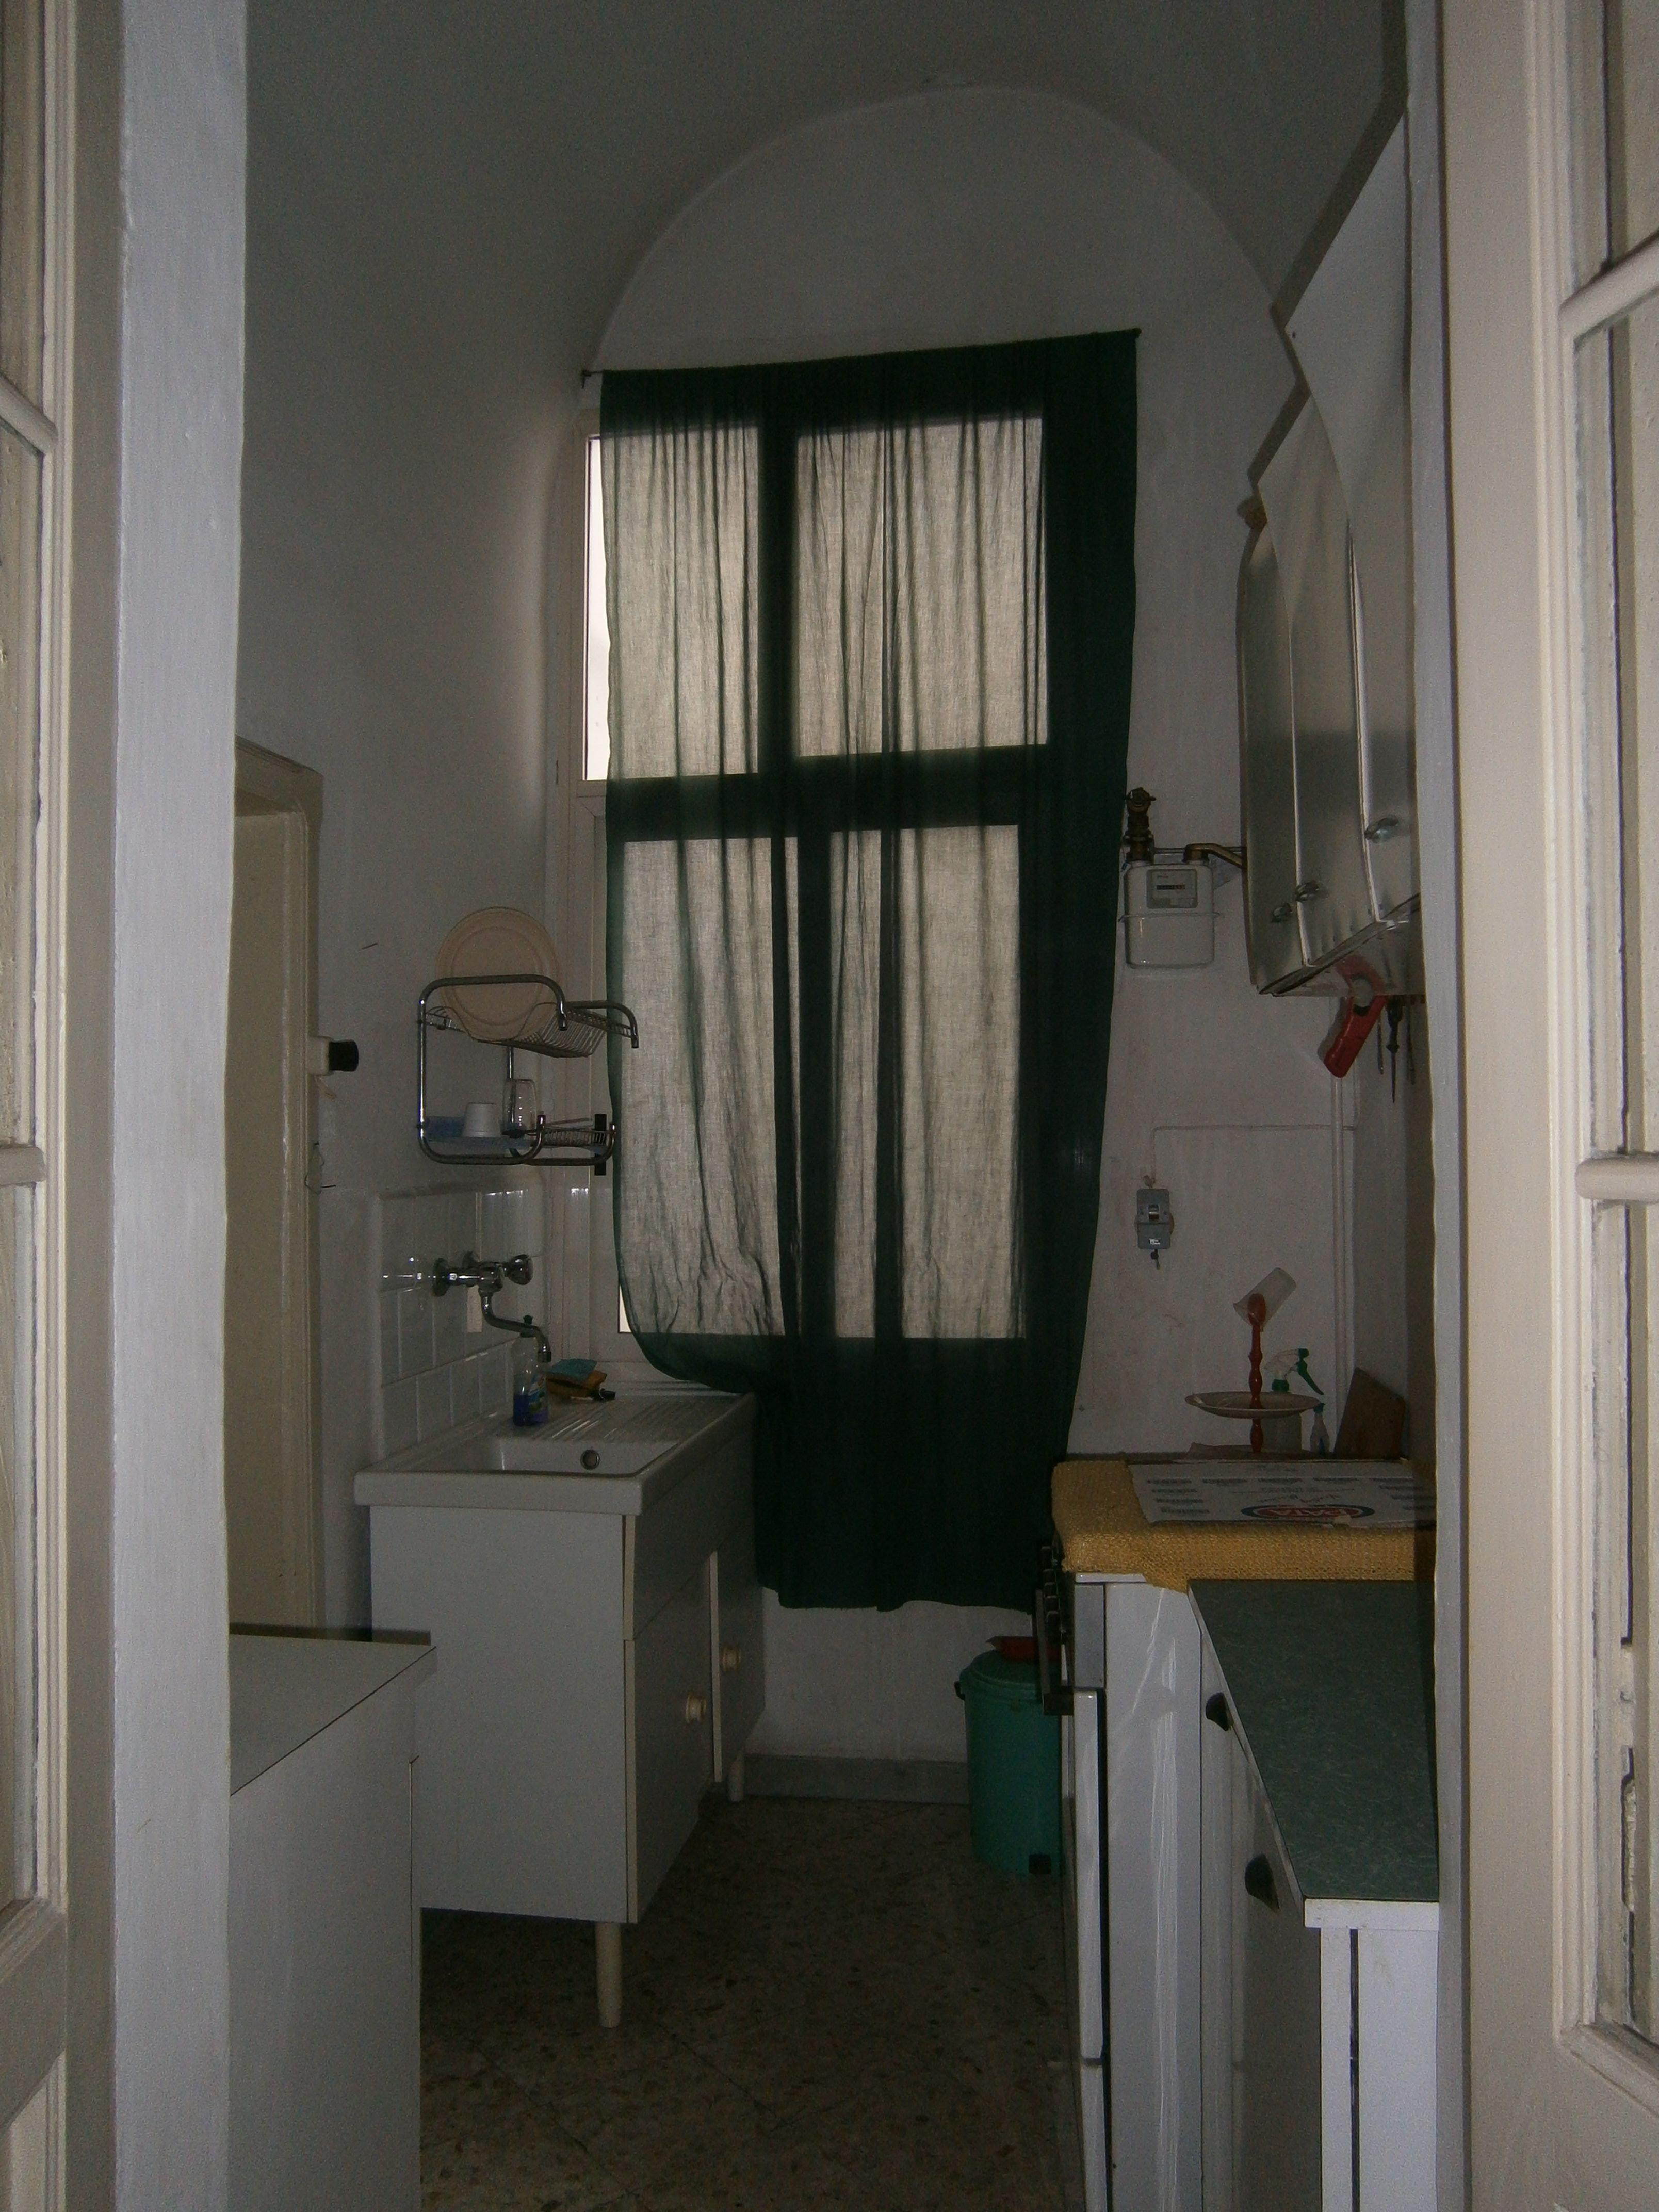 Casa indipendente al primo piano con terrazzo di propriet for Miglior piano piano per casa minuscola